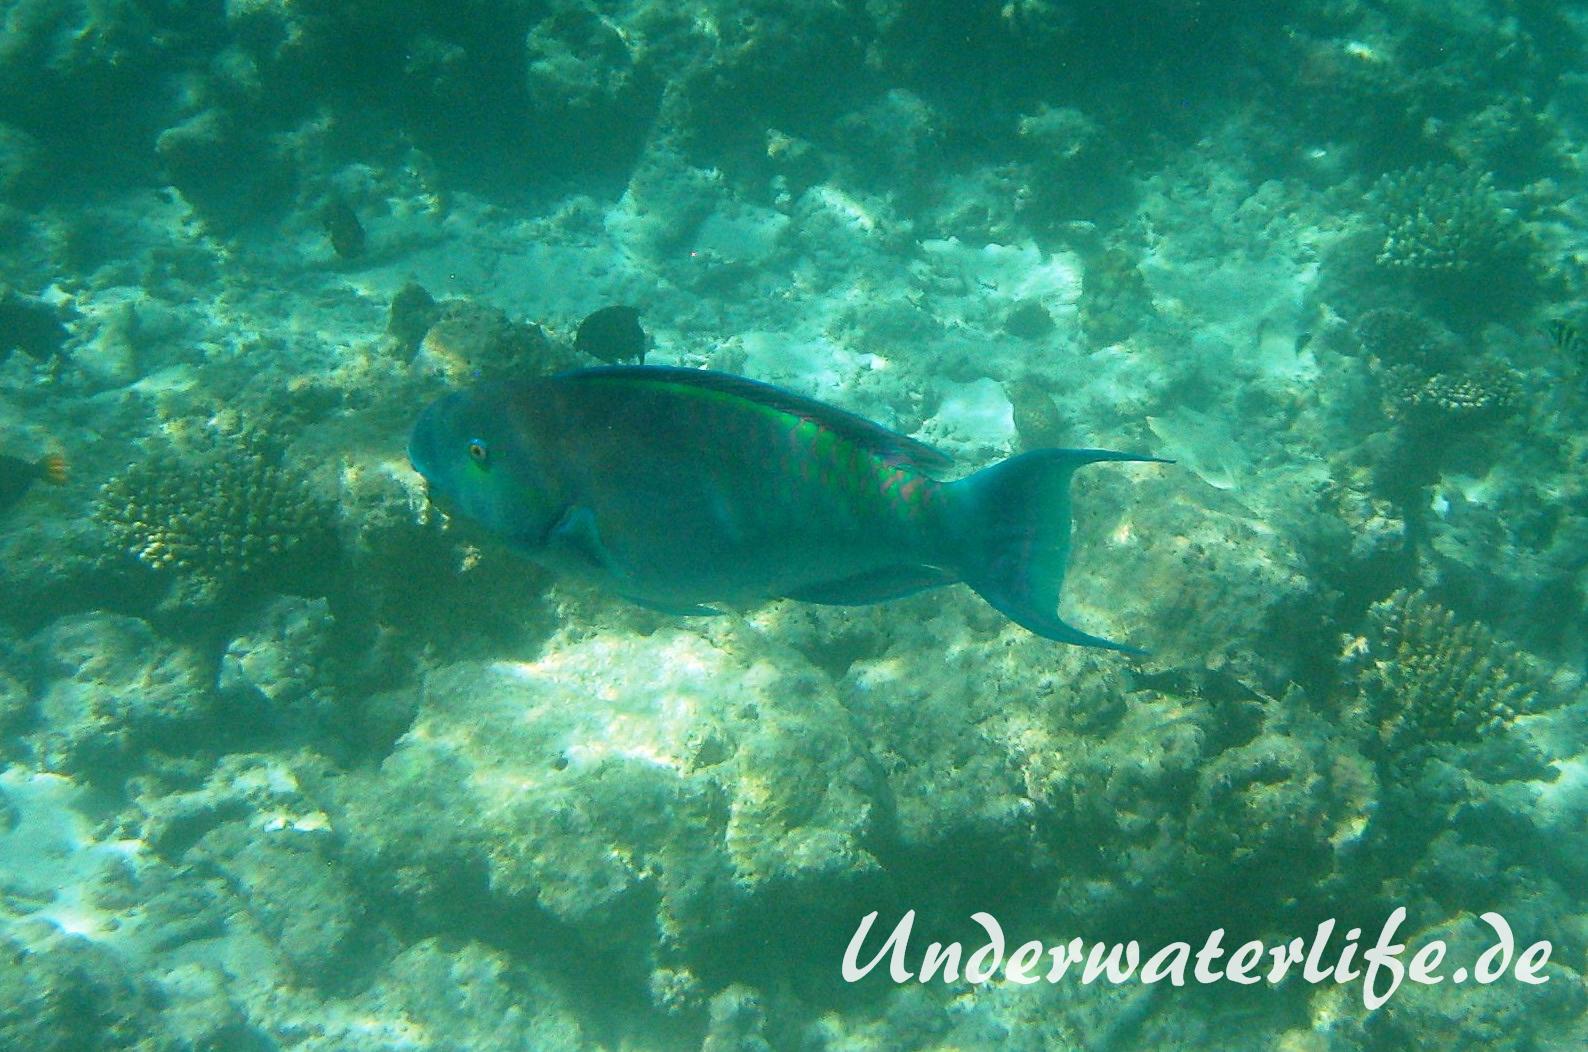 Indischer-Buckelkopfpapageifisch_adult-Maennchen-Malediven-2013-018